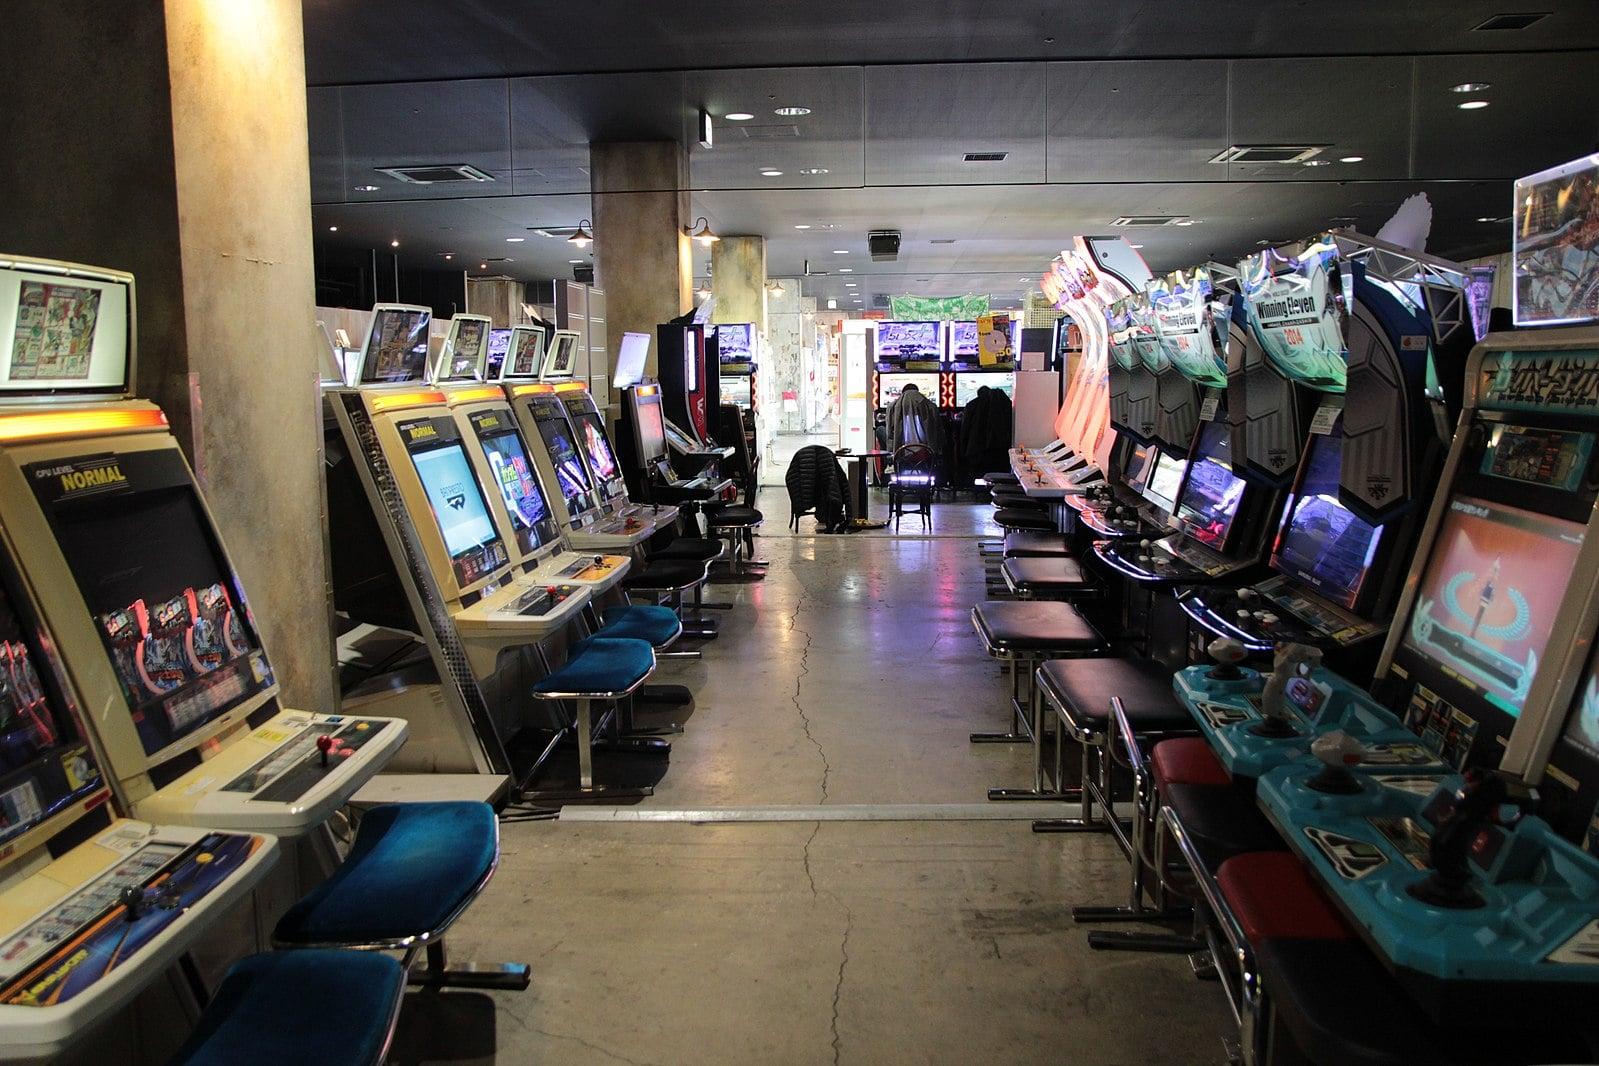 Anata No Warehouse Arcade in Tokyo Japan